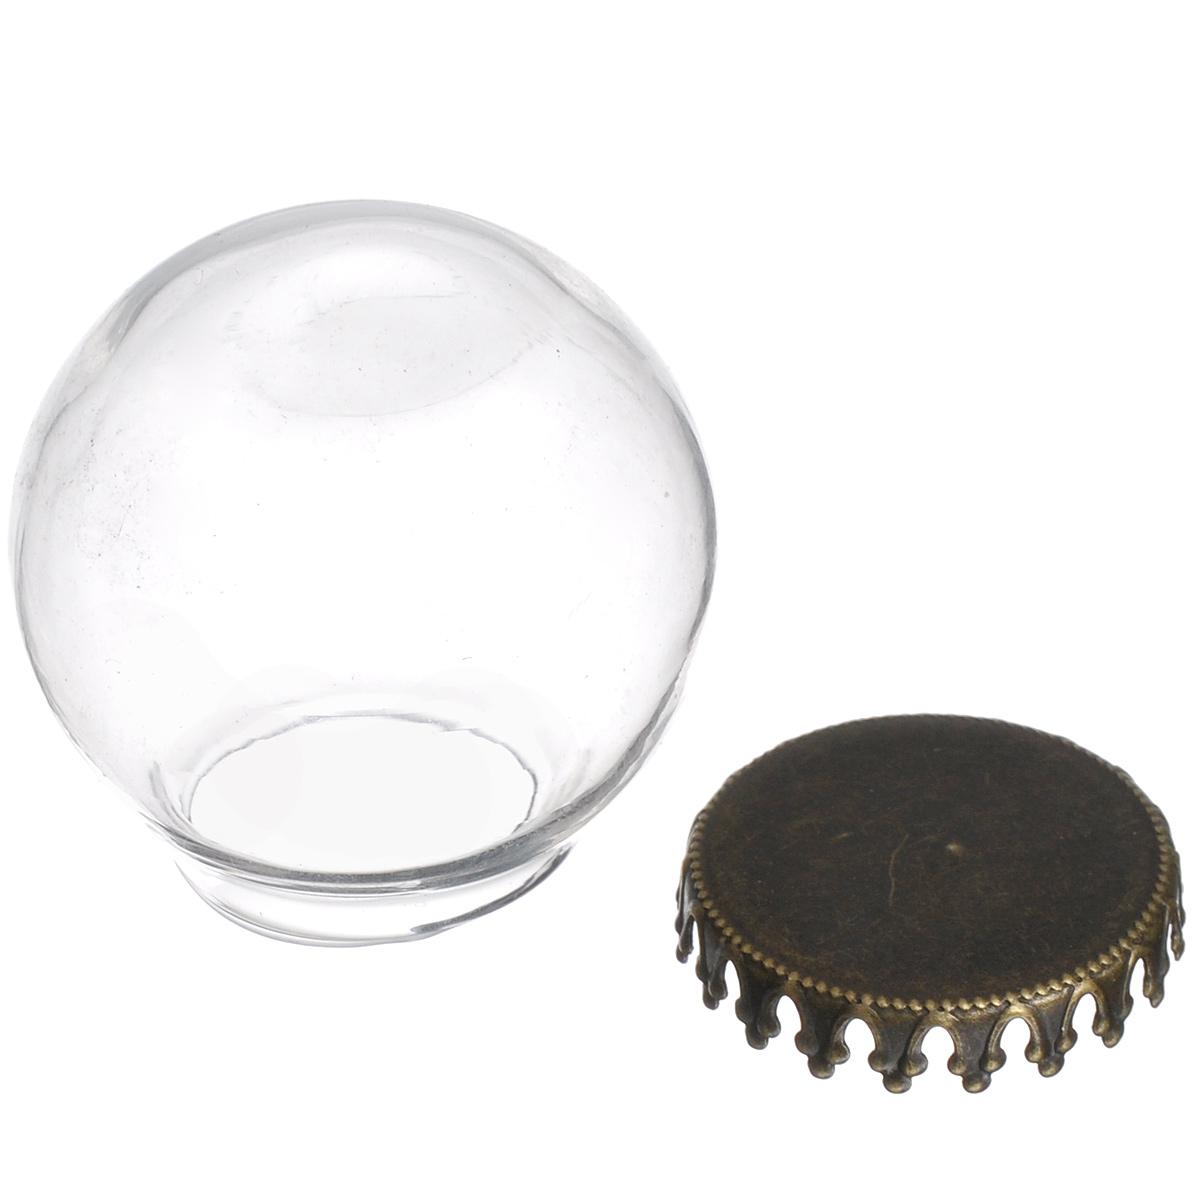 Шар-колпачок стеклянный ScrapBerrys, диаметр 20 ммSCB24001009Стеклянный шар-колпачок ScrapBerrys - это вид украшения, состоящий из ажурной металлической основы и стеклянного колпачка в форме шара. Колпачок можно использовать как оригинальный декор, как основу для бижутерии, для создания оригинальных флористических композиций, панно, кукольных миниатюр, в качестве мини шэдоу-бокса и еще множеством способом. Внутрь можно поместить цветы, бусины, стразы и многое другое. Изделия ScrapBerrys помогут воплотить вашу творческую задумку и создать оригинальные неповторимые украшения. Диаметр основы: 20 мм. Диаметр шара: 20 мм.